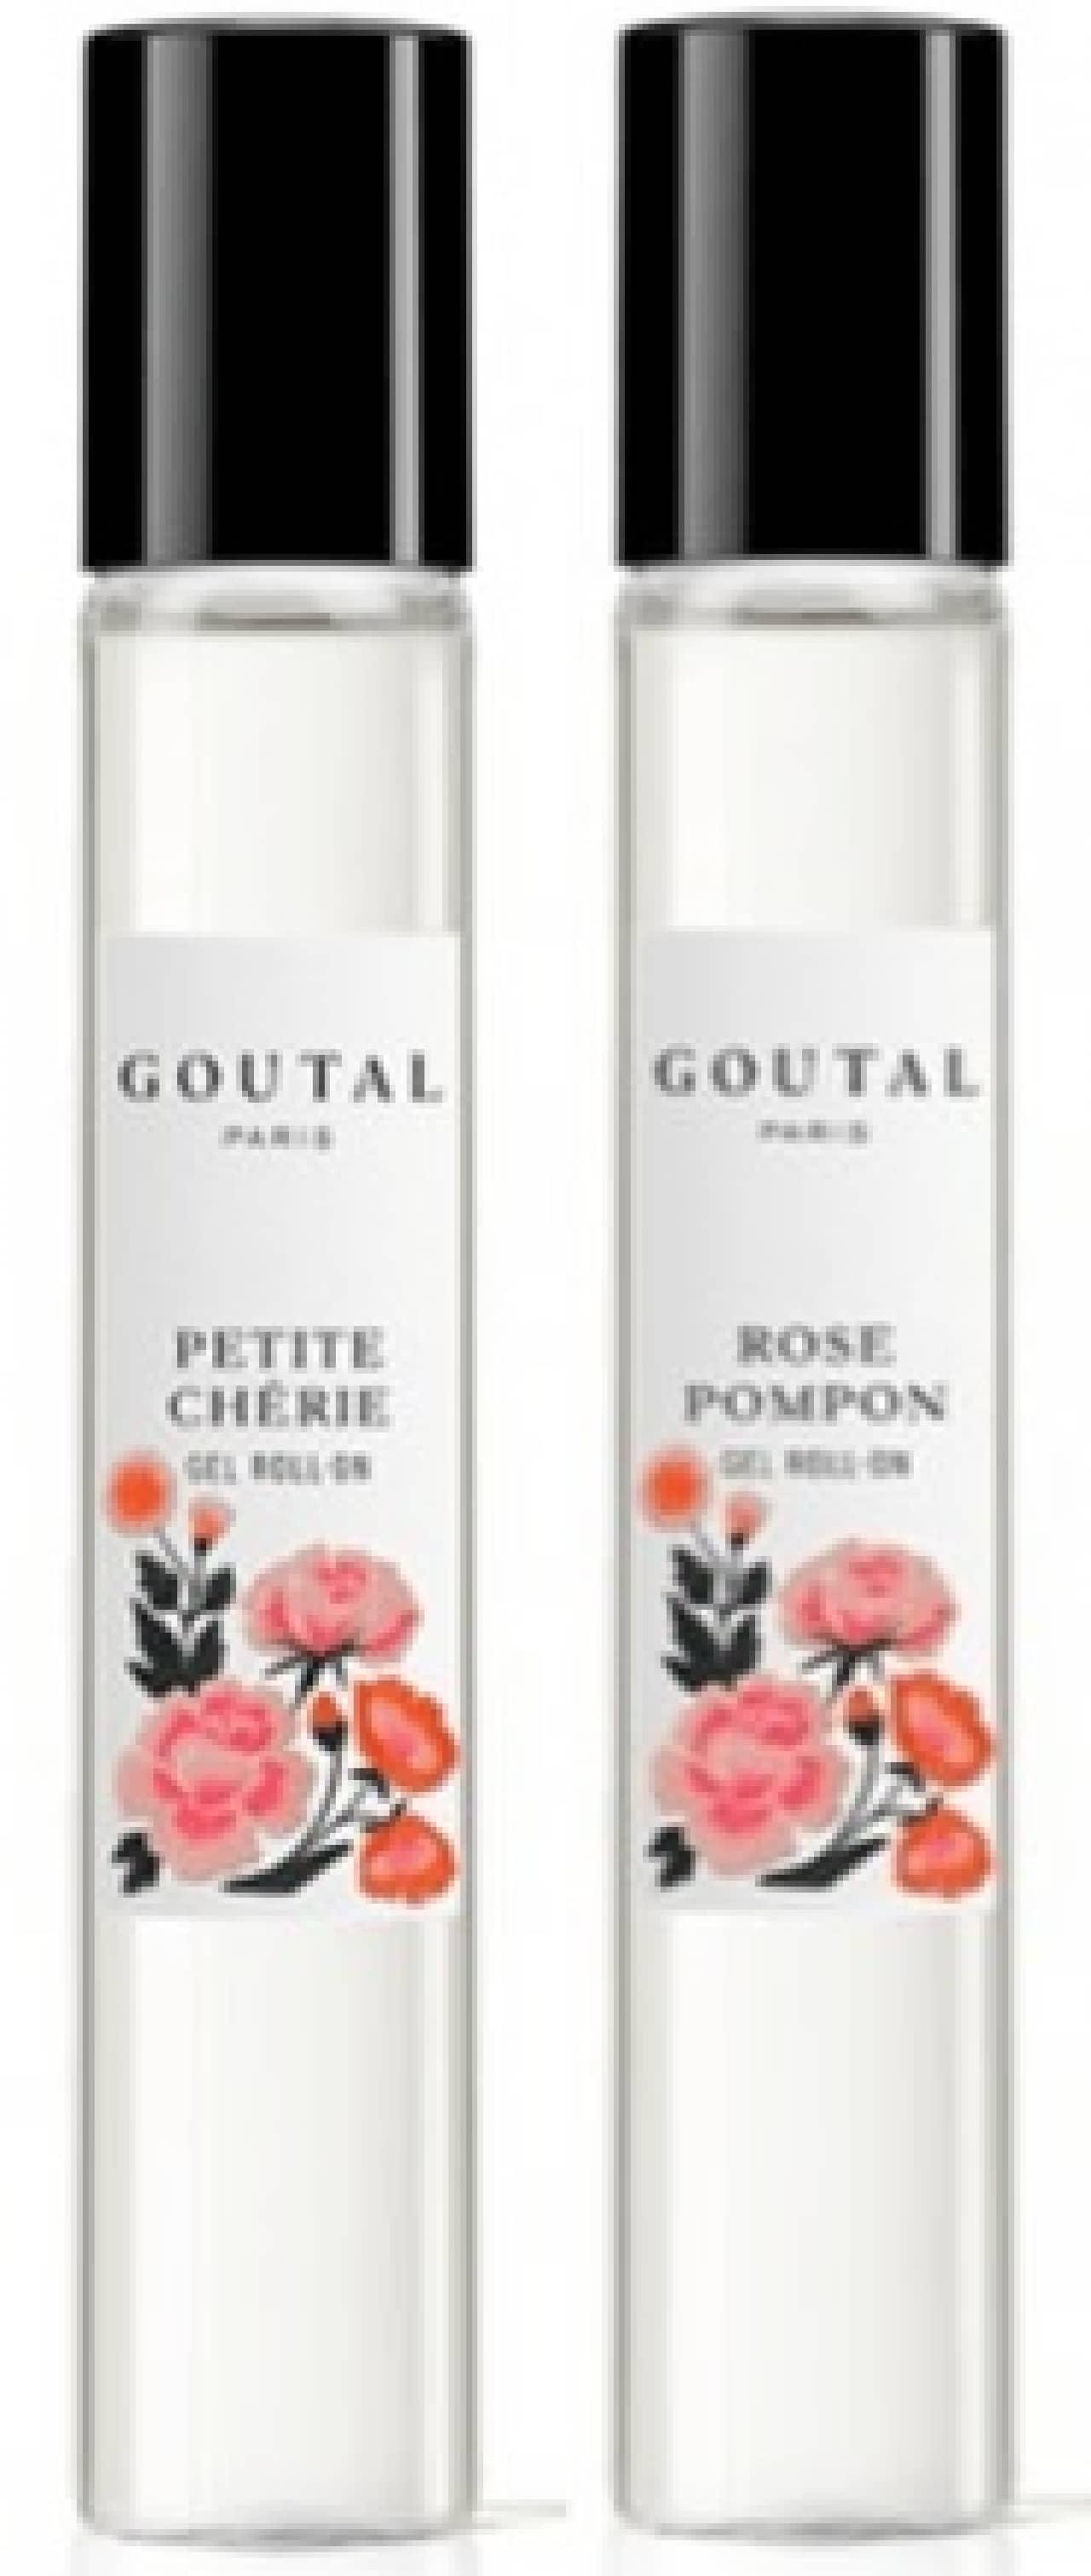 グタールの香水「プチシェリー」と「ローズ ポンポン」ジェルロールオン フレグランス